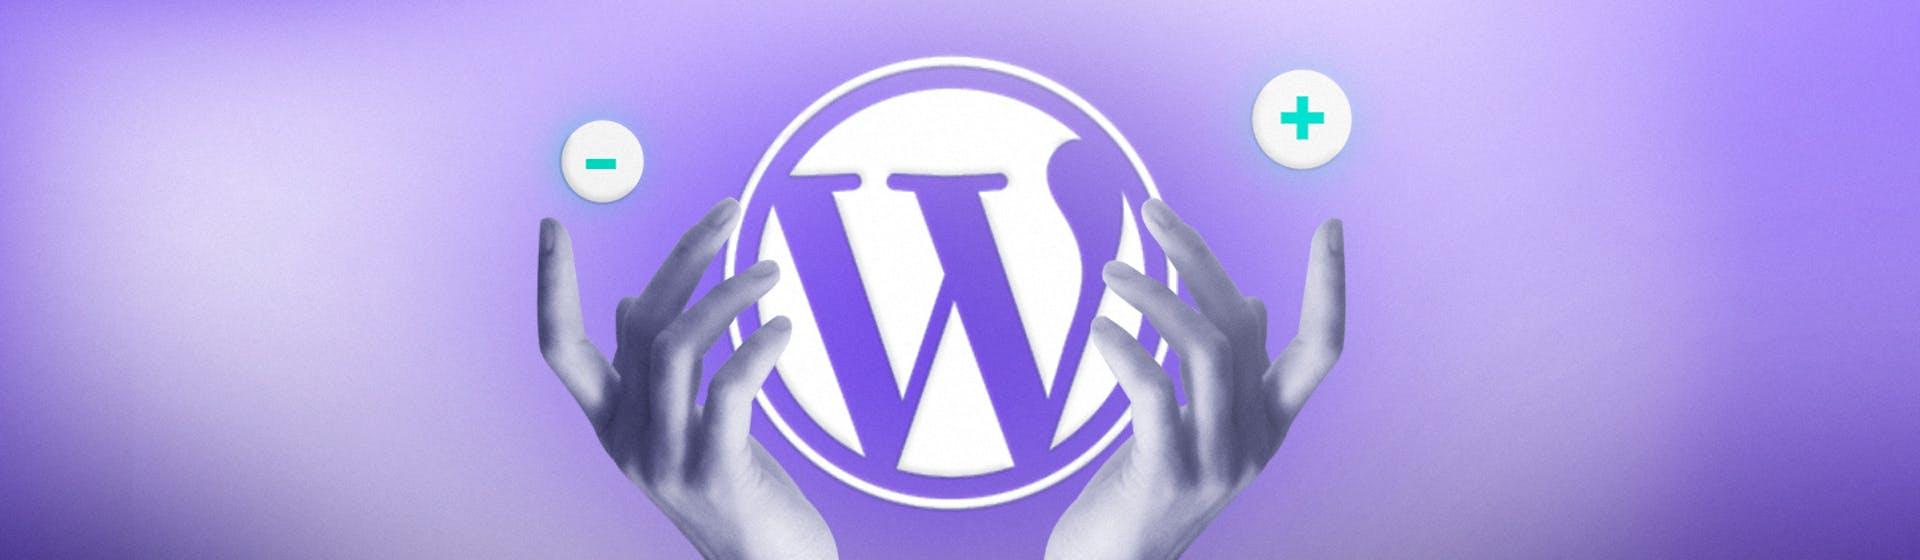 Ventajas y desventajas de WordPress: ¿es realmente el CMS perfecto para ti?